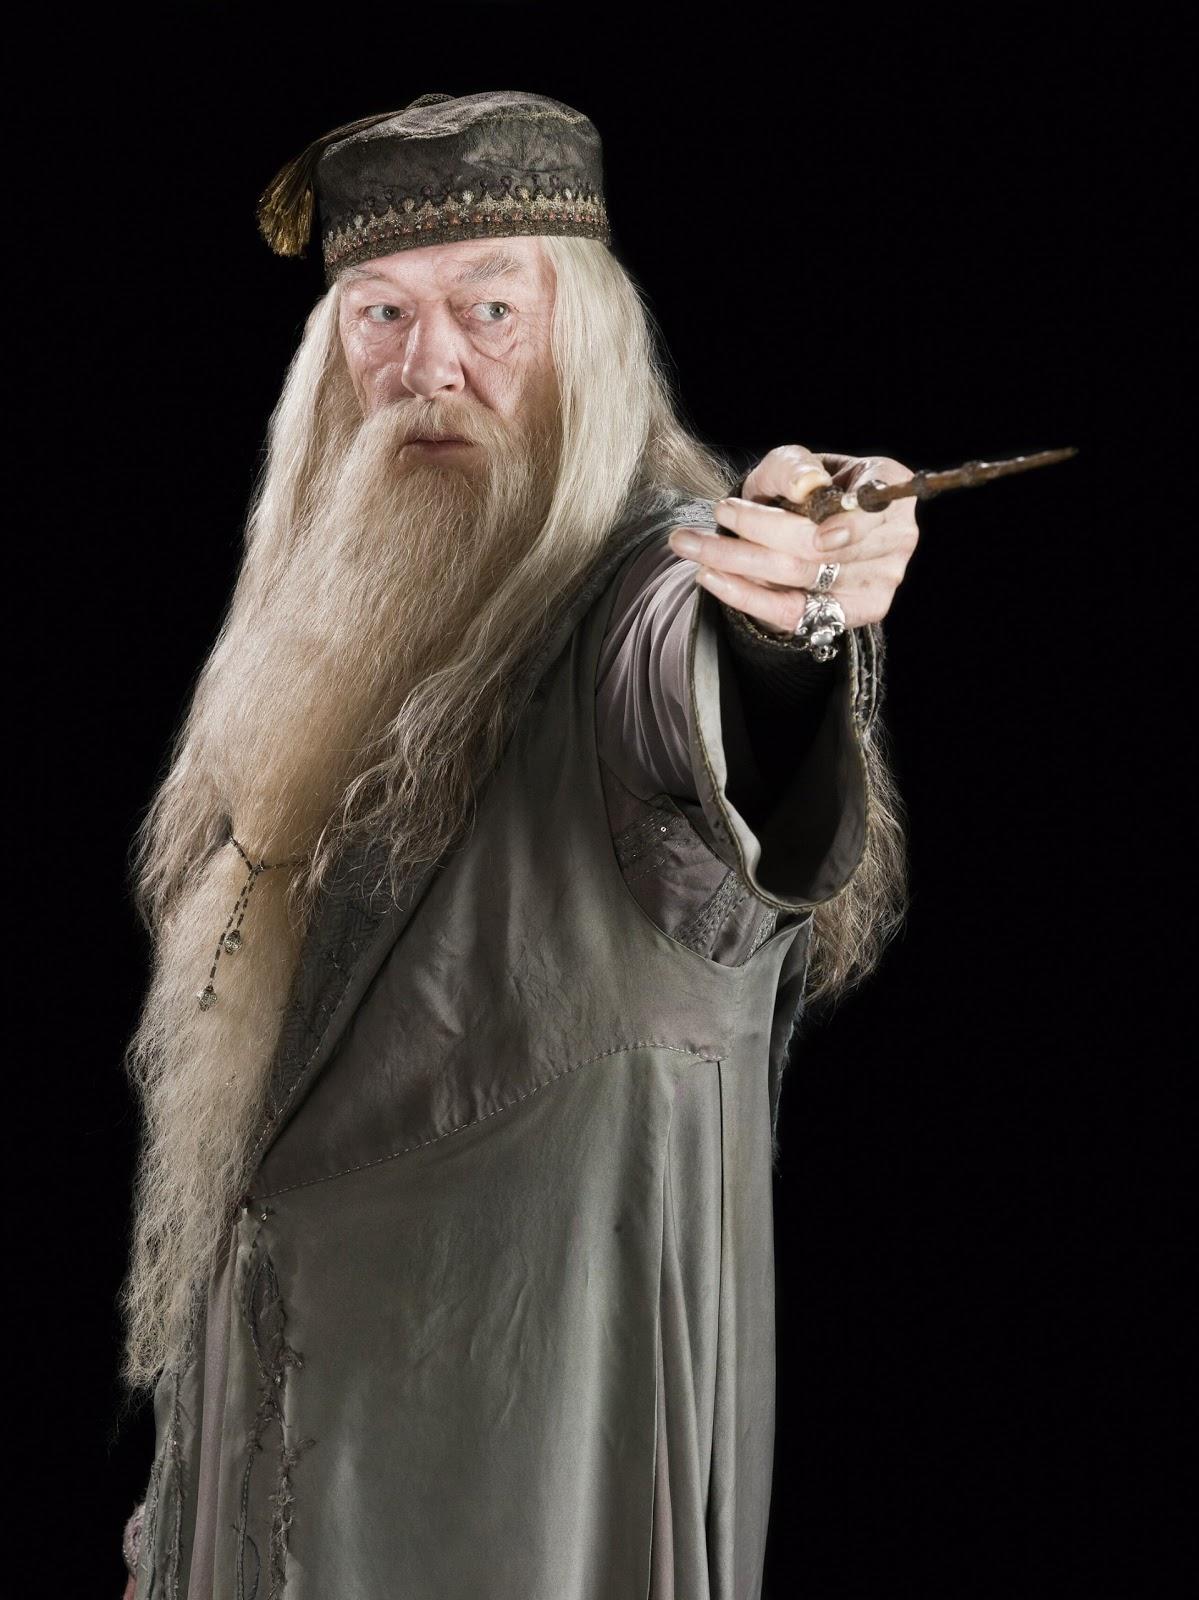 Filmes s ries e etc entrevista alvo dumbledore for Harry potter professor dumbledore wand